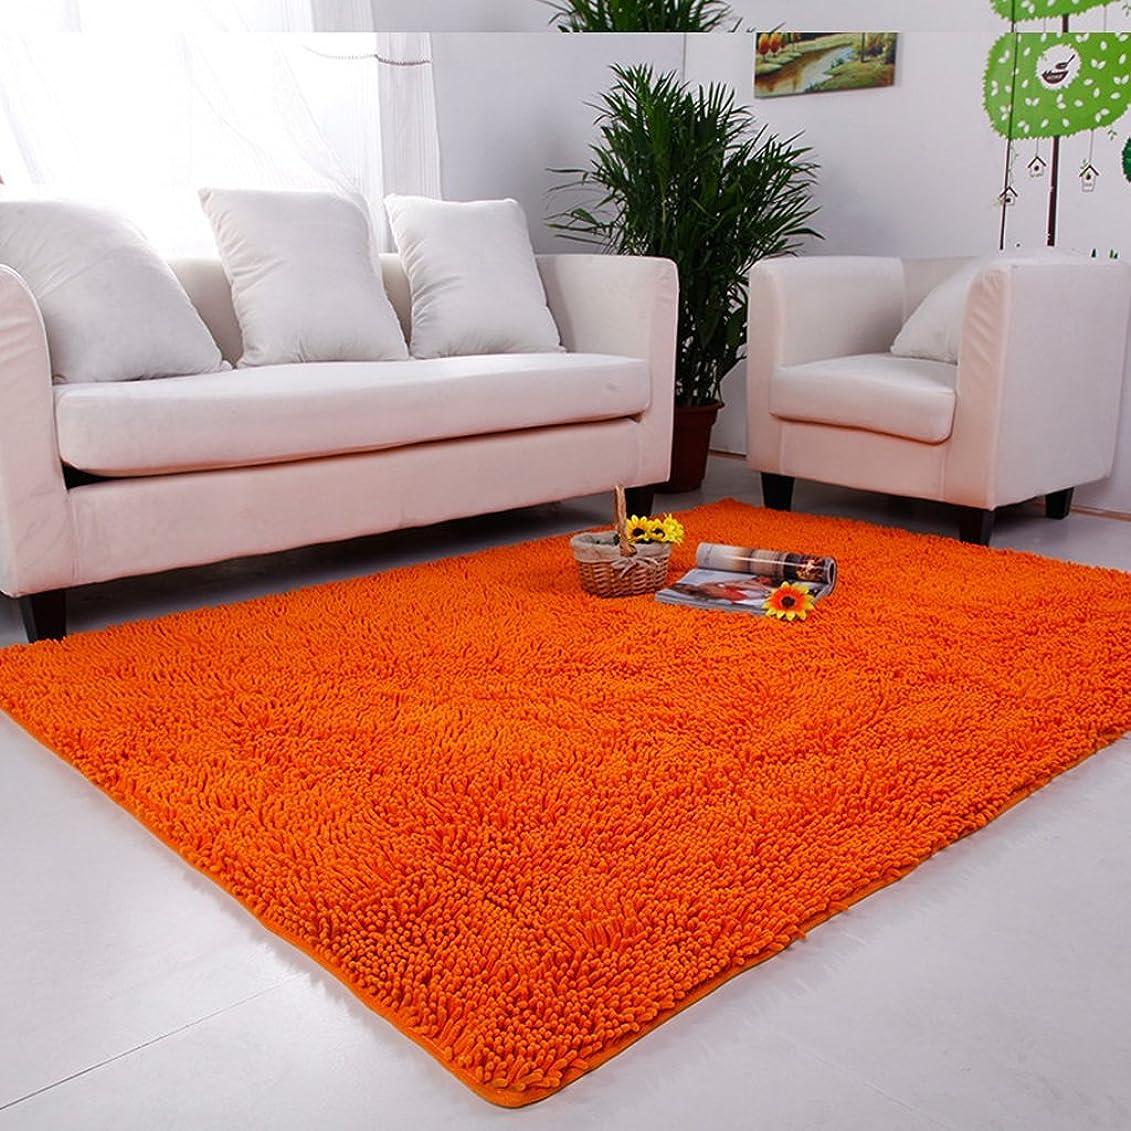 インテリア貸すコショウラグスーパーマーケット - 水シャリーユリビングルームベッドルームコーヒーテーブルカーペットかわいいベッドサイドウェディングルームカーペット ( 色 : オレンジ , サイズ さいず : 120*160cm )